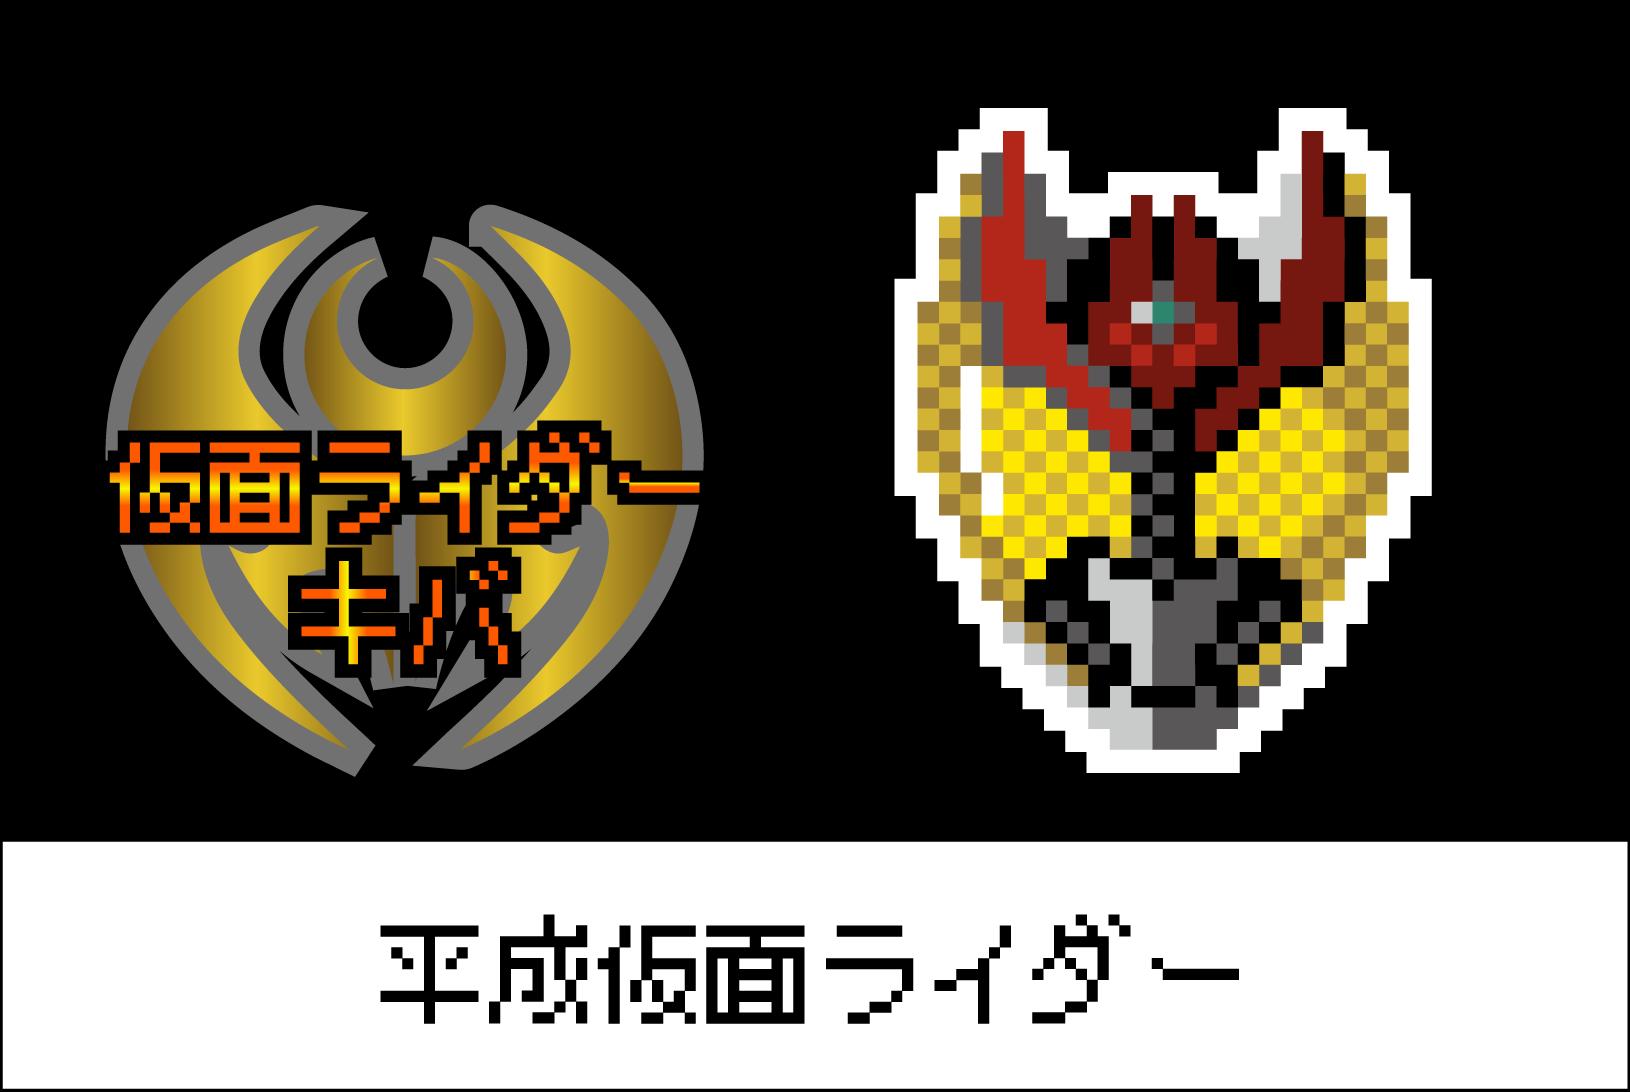 【平成仮面ライダーシリーズ】仮面ライダーキバのアイロンビーズ図案